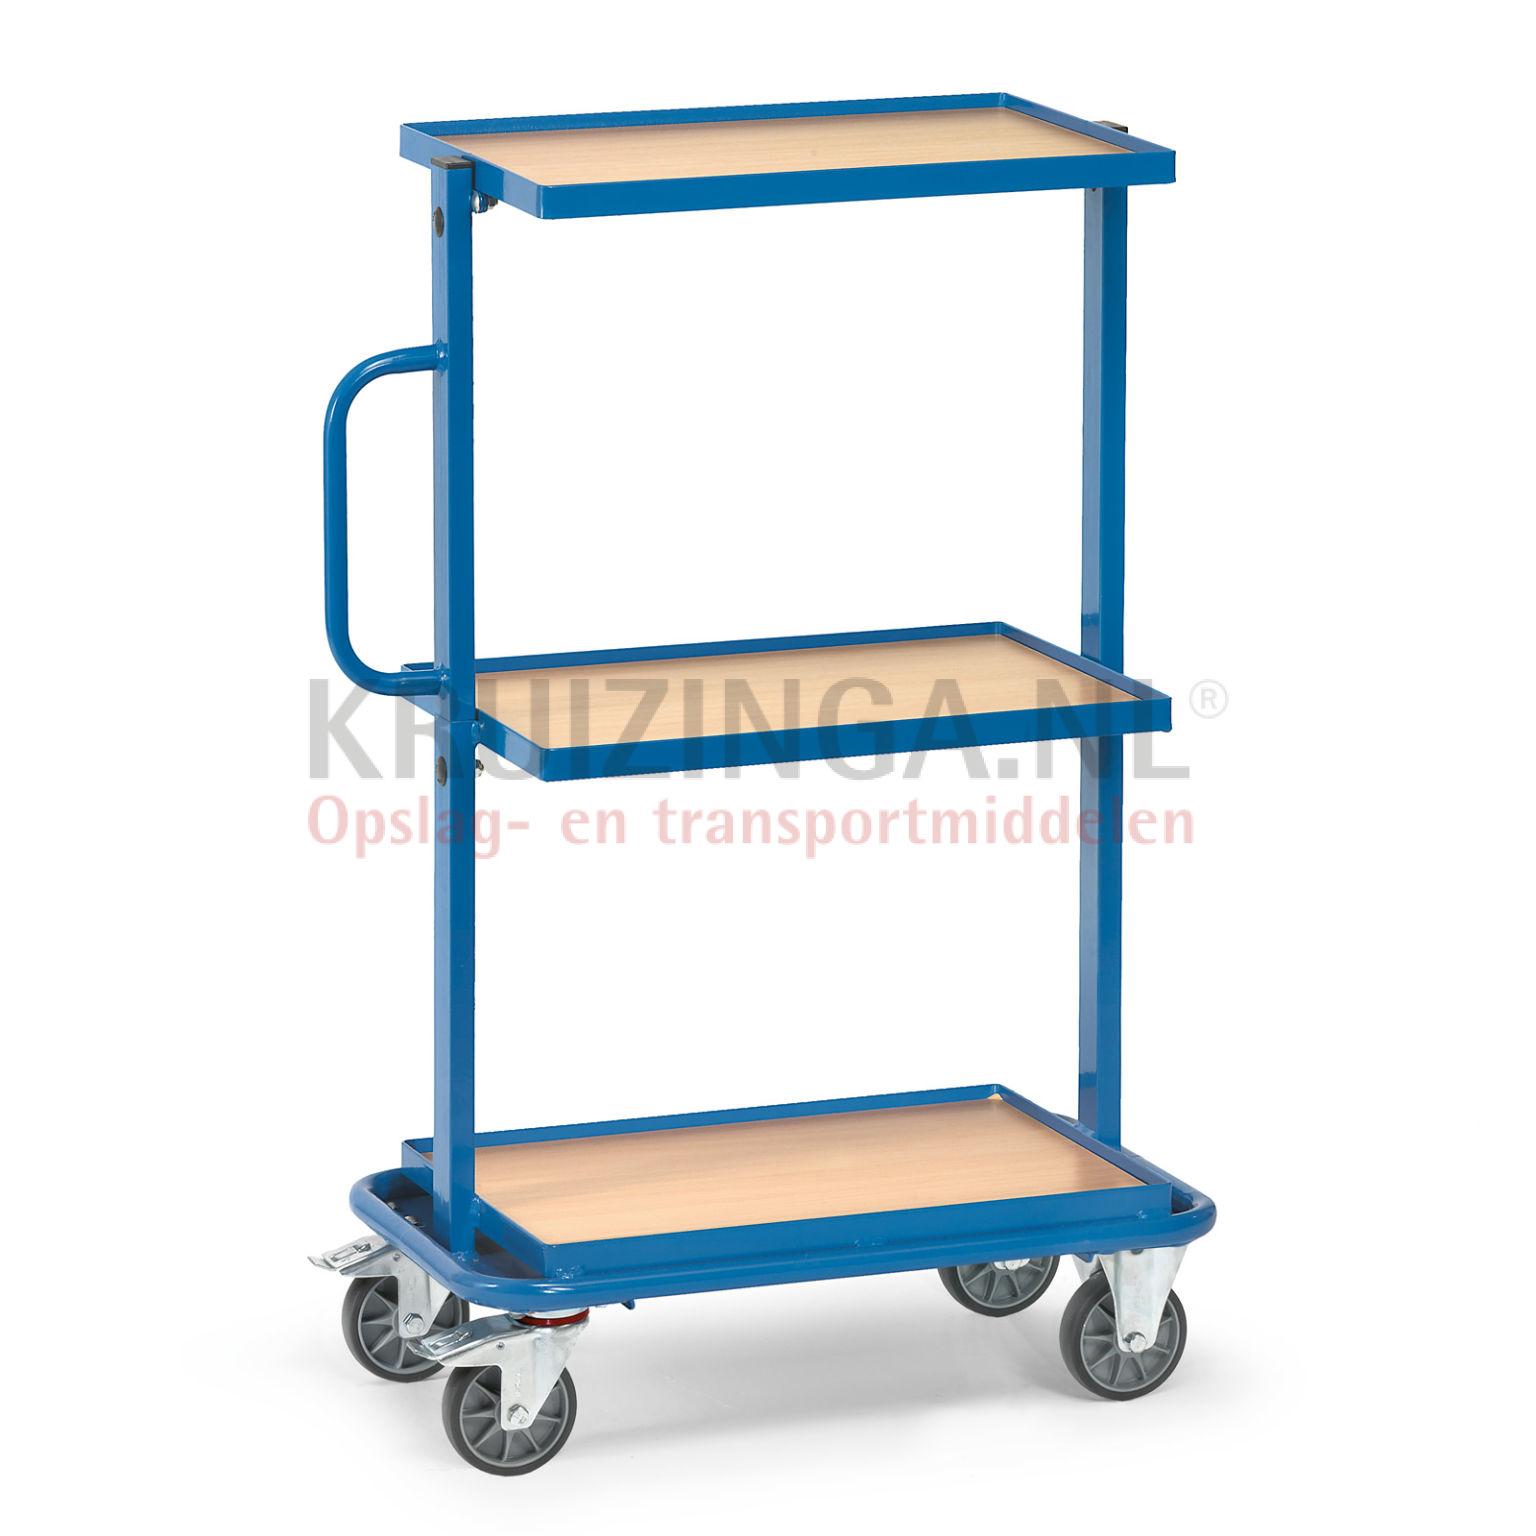 beistellwagen rollwagen beistellwagen f r 3 eurobeh lter 600x400 mm geeignet 299 frei haus. Black Bedroom Furniture Sets. Home Design Ideas